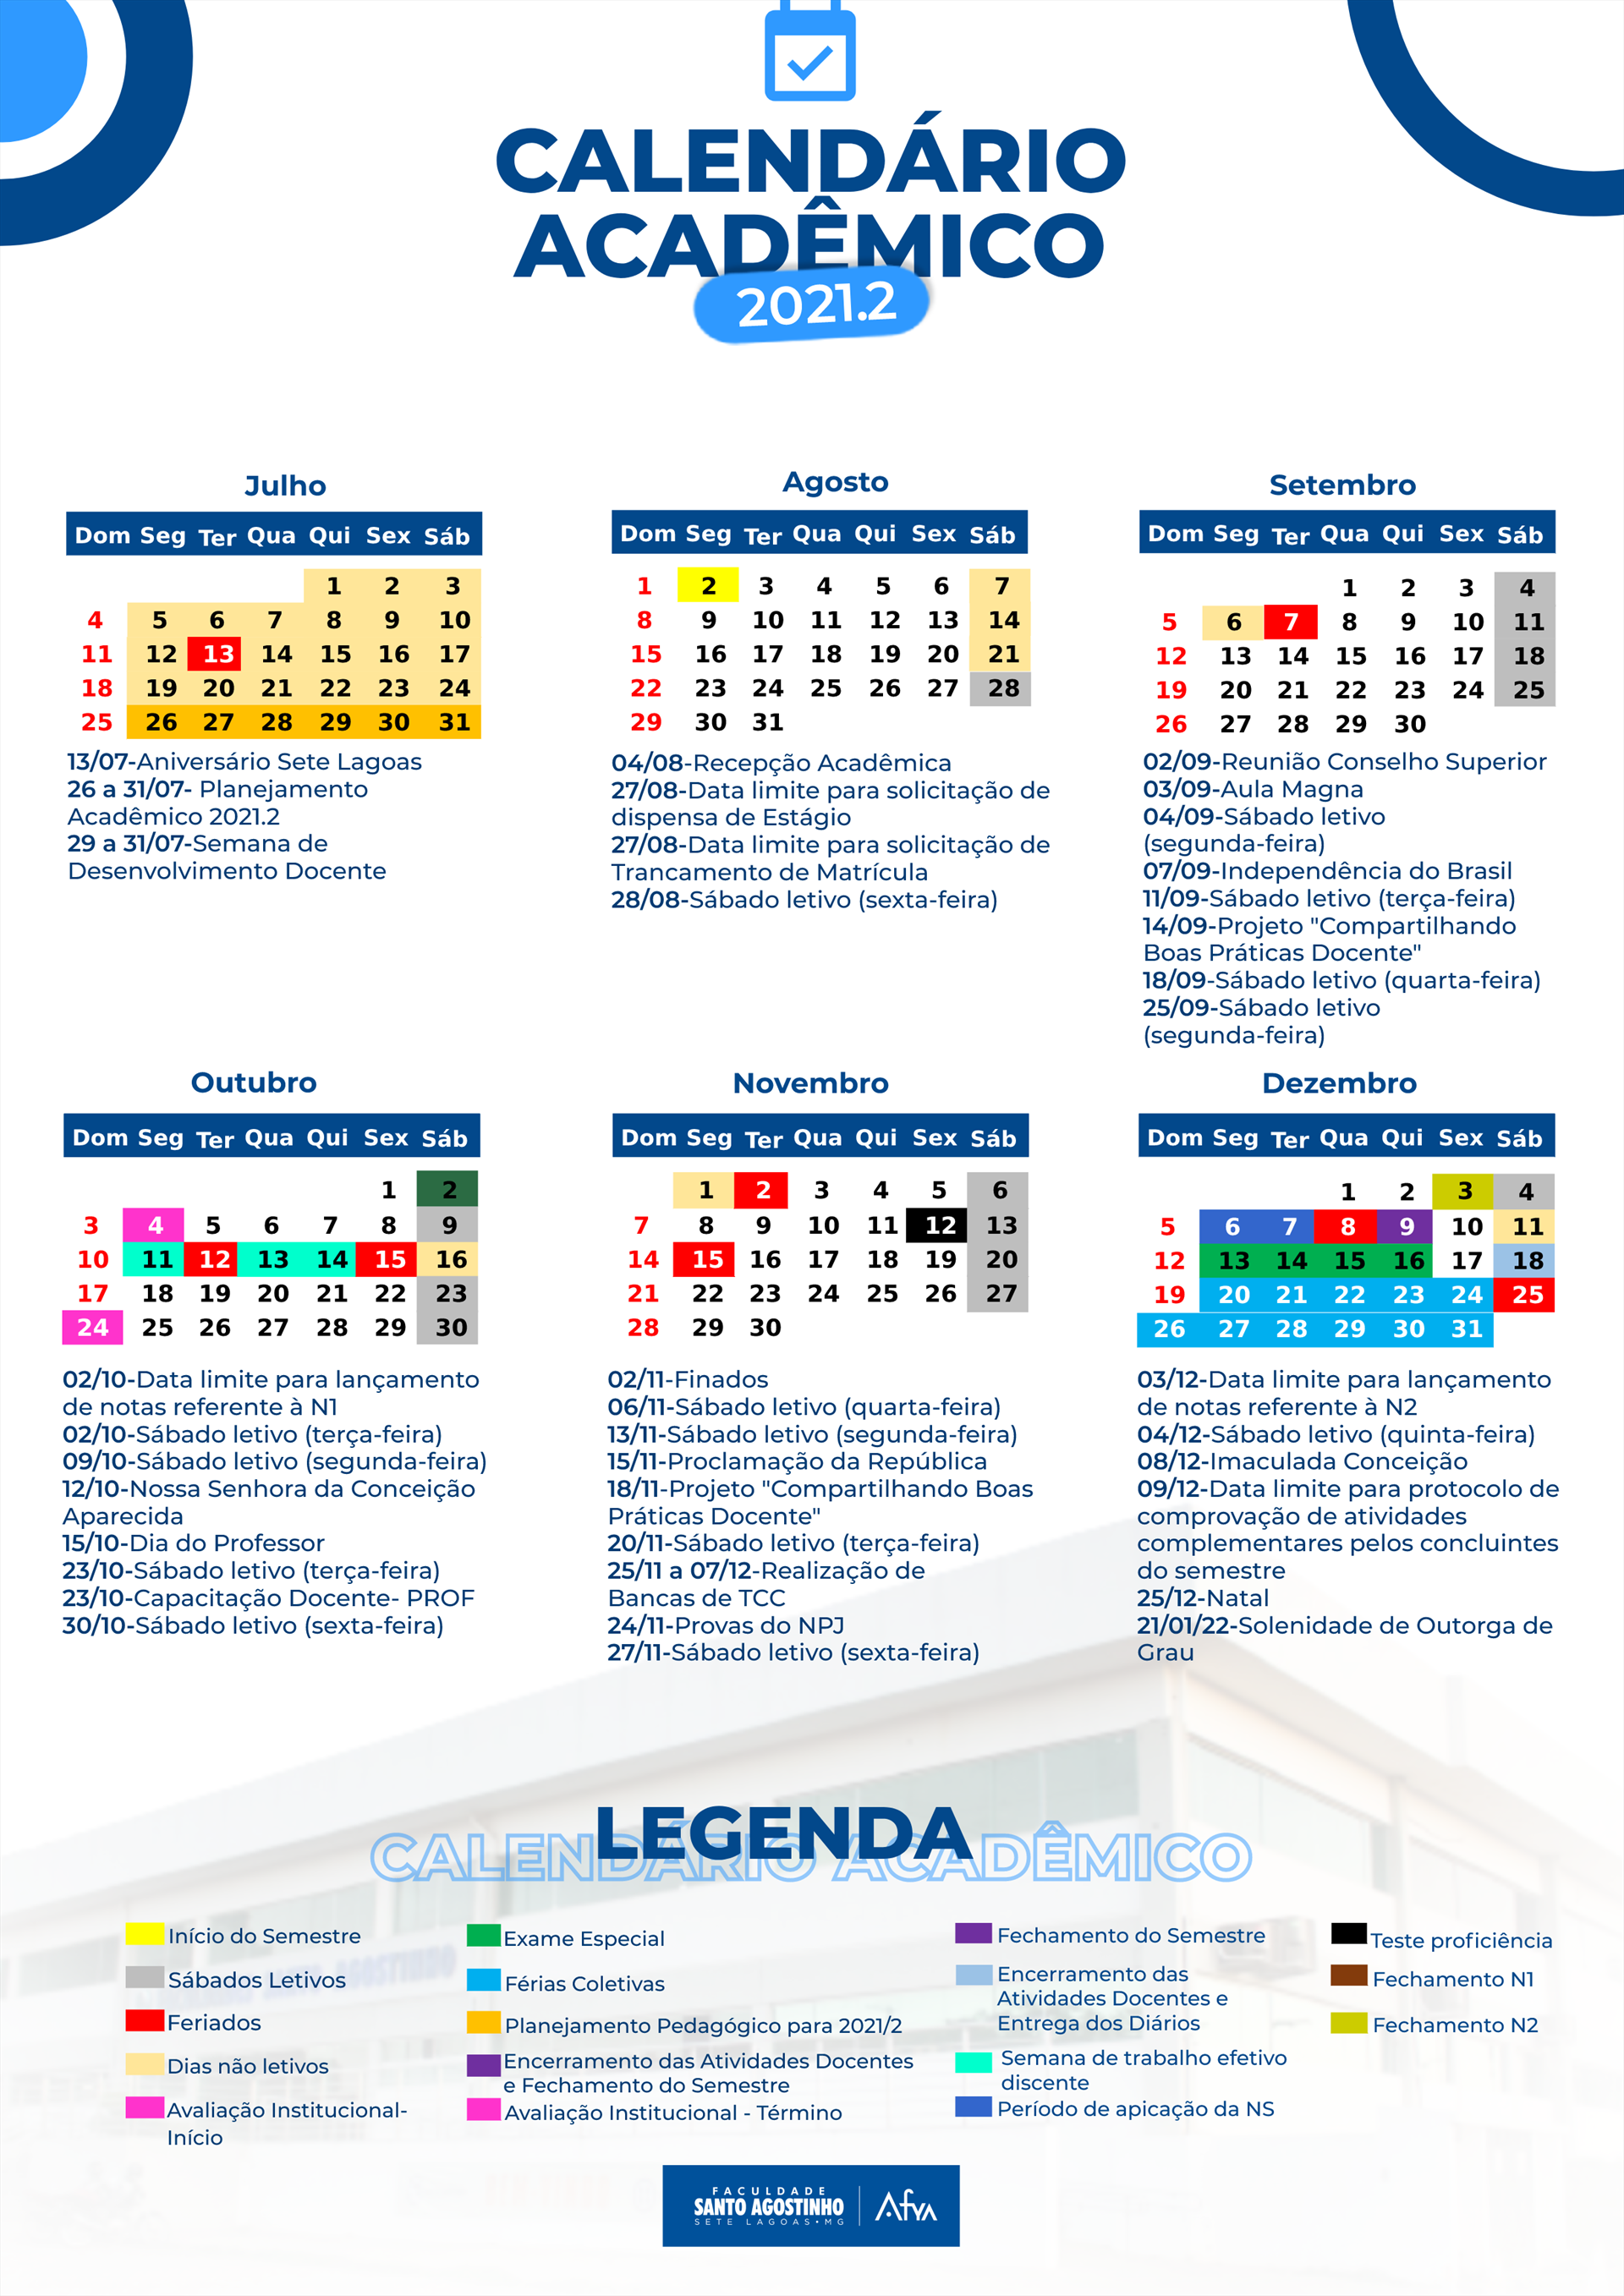 Calendário Acadêmico 2021/2